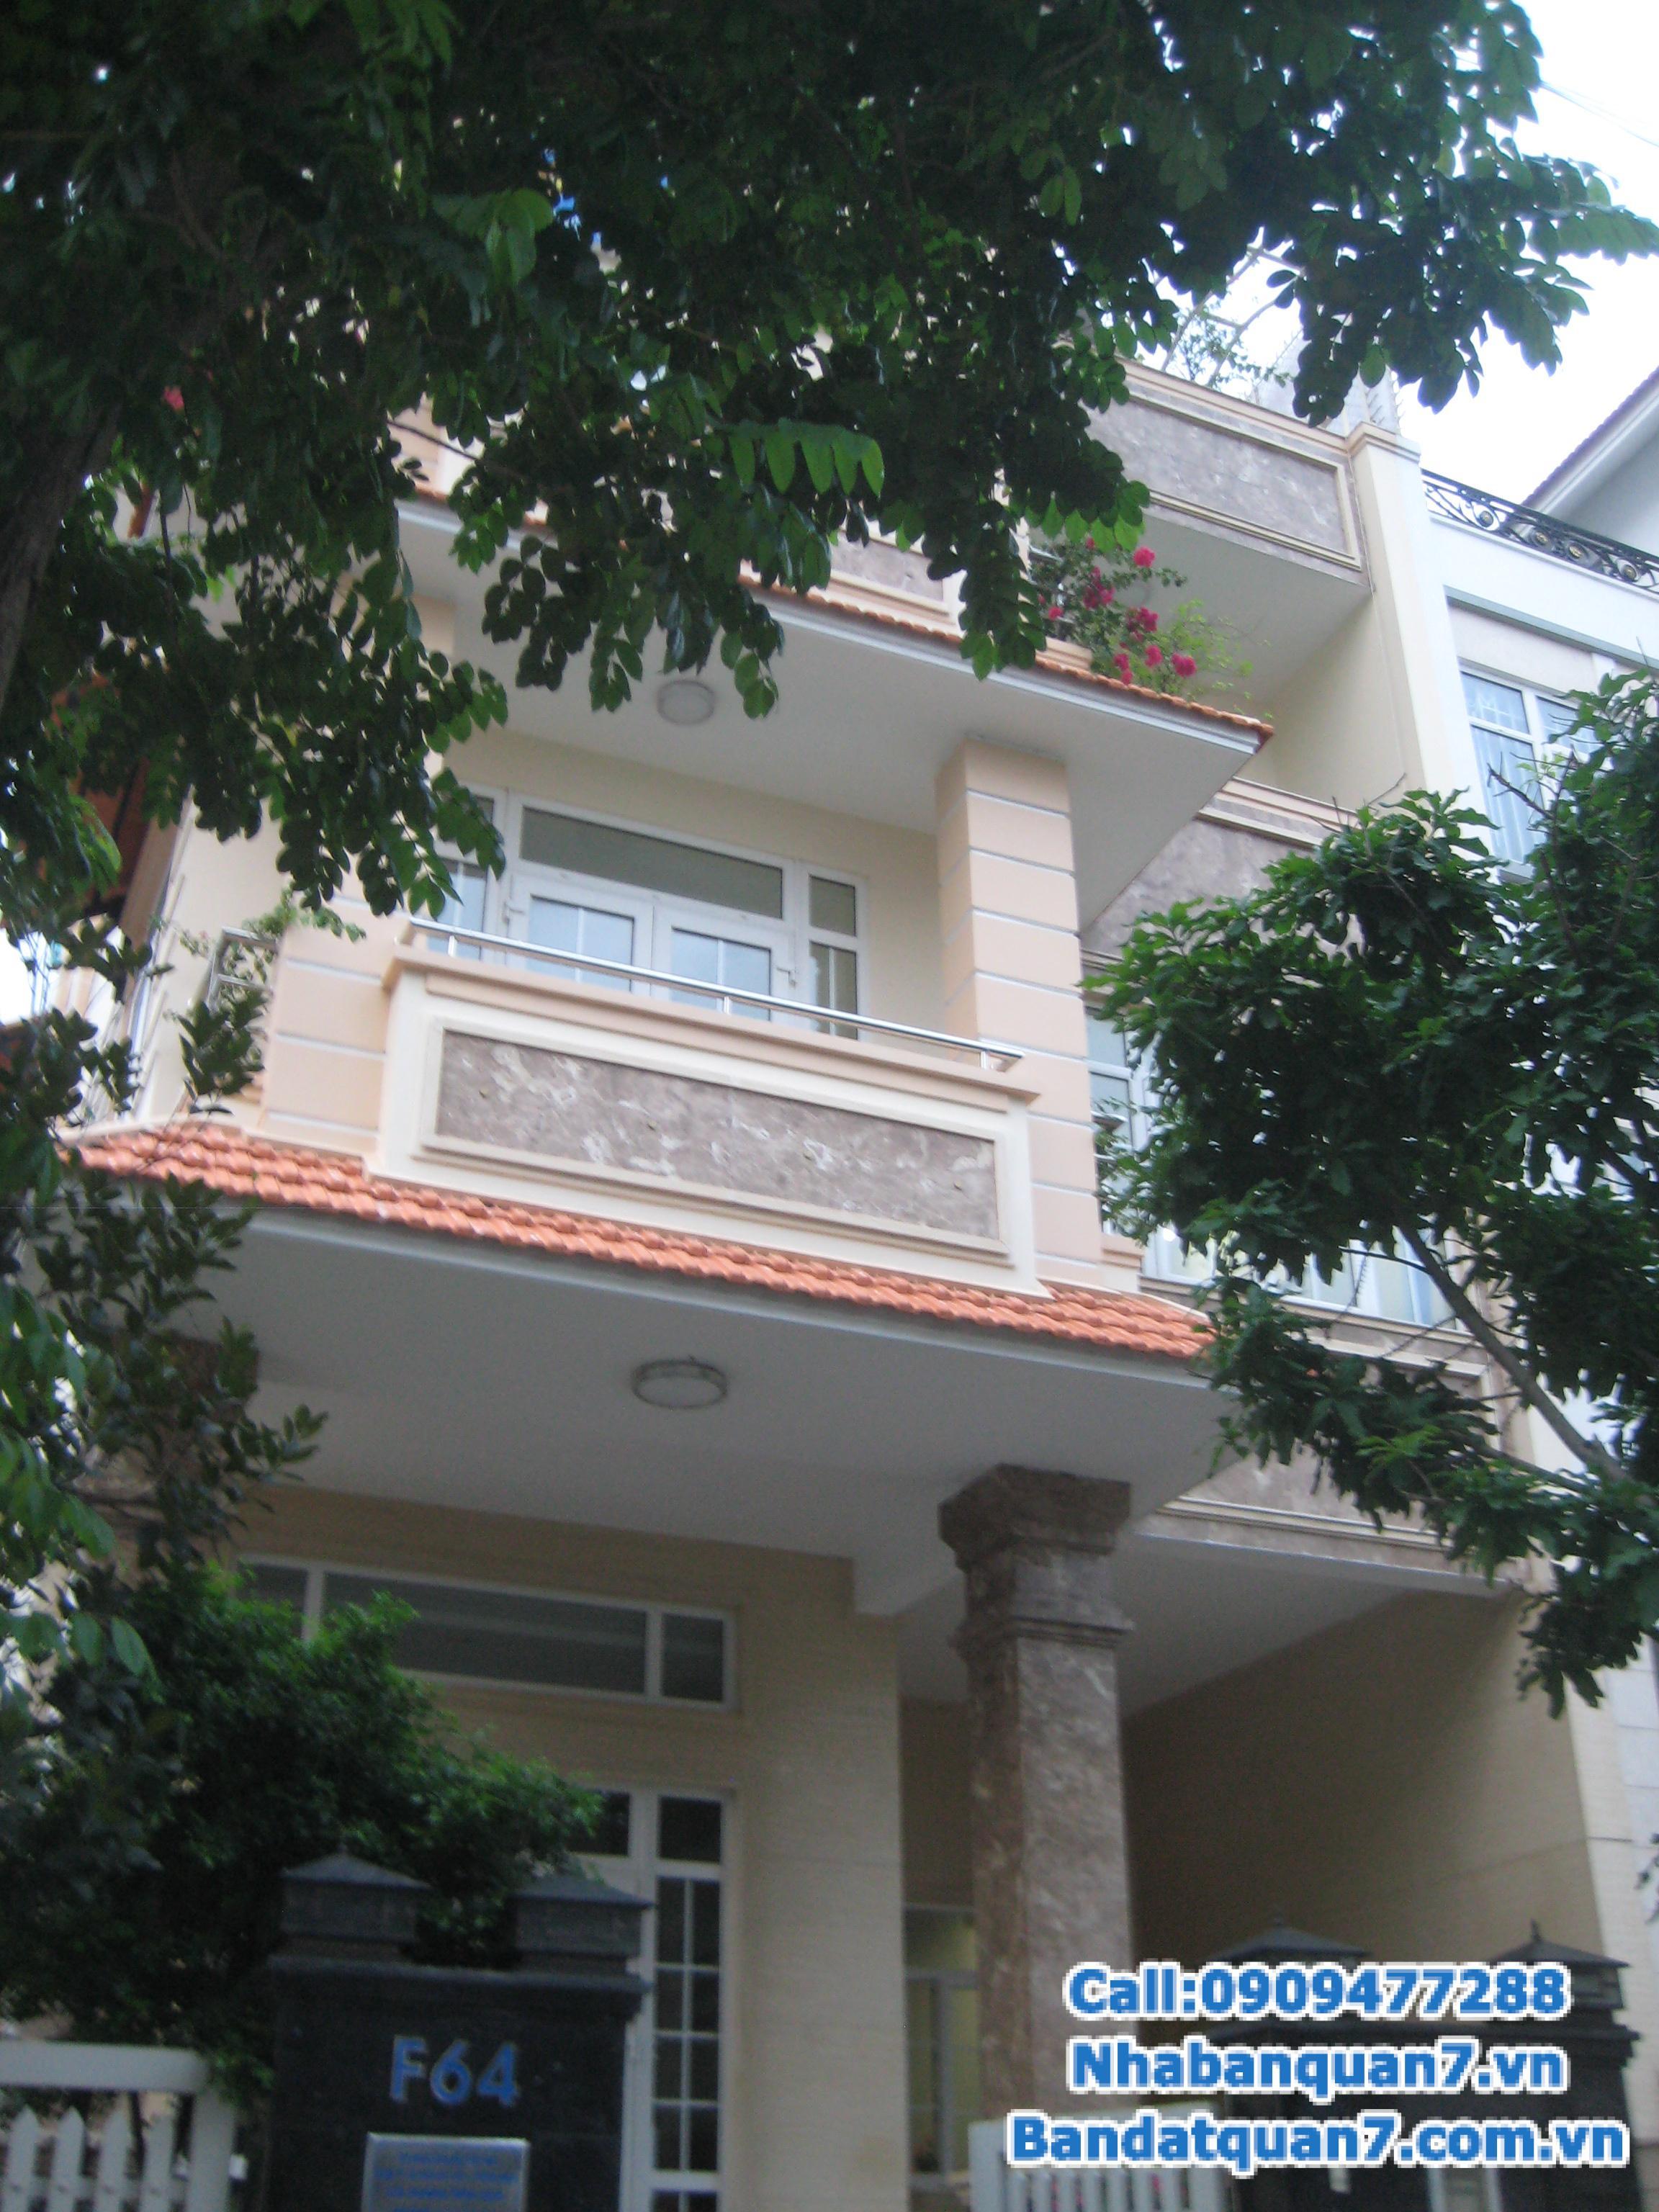 Bán nhà Đường số 7 khu Trung Sơn, huyện Bình Chánh